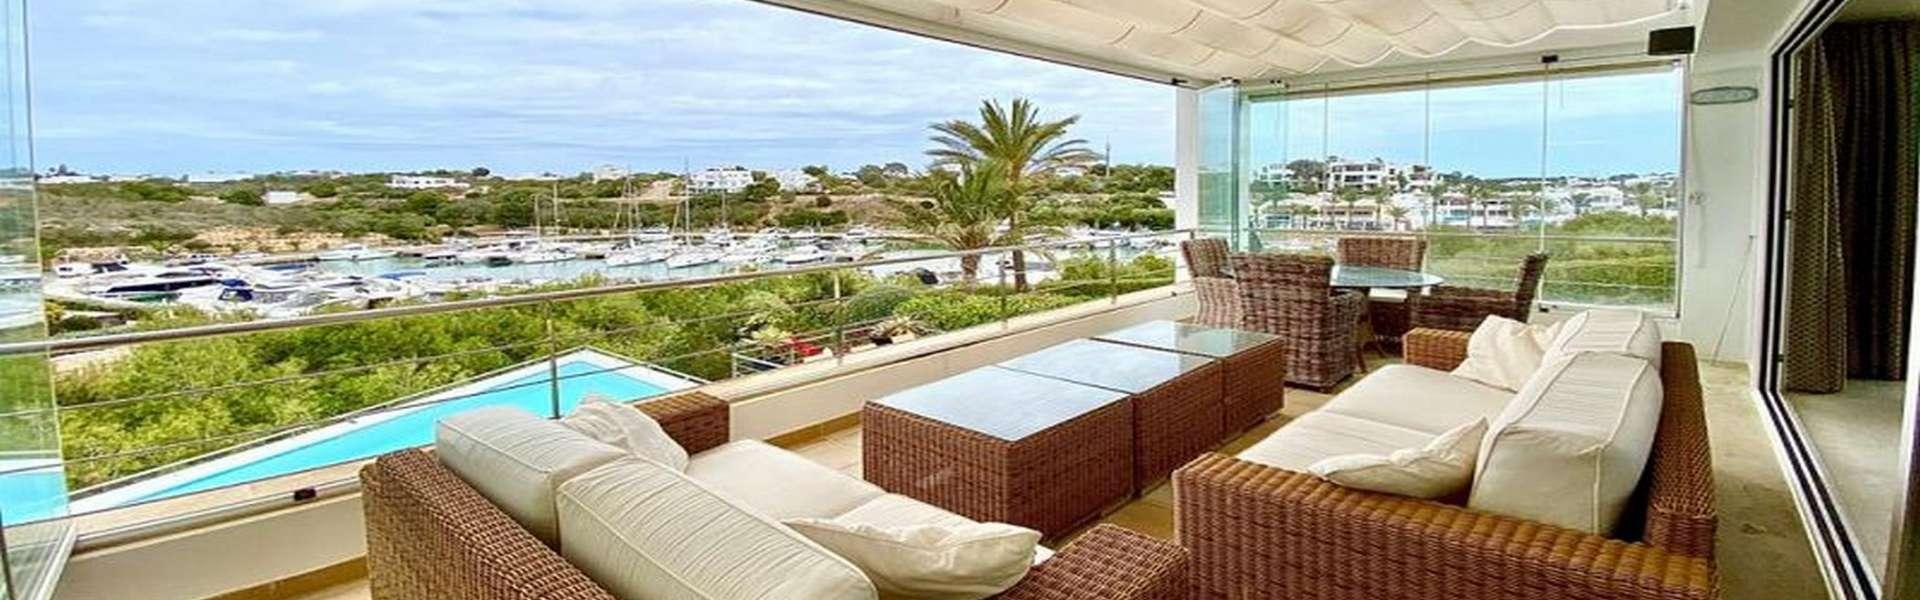 Moderne Villa mit Pool und Blick auf den Yachthafen in Cala d'Or